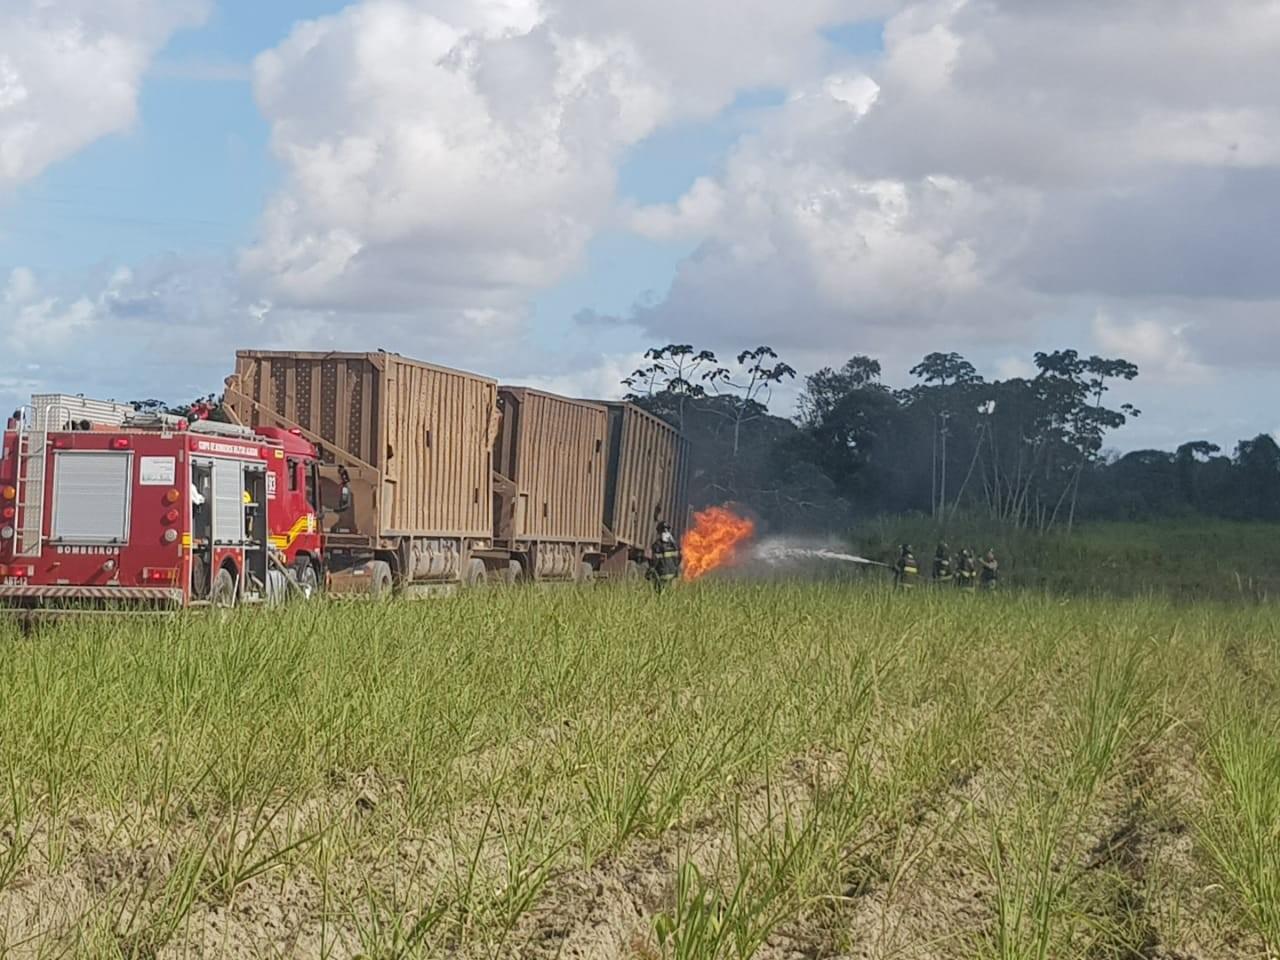 Pai e filho morrem atropelados por caminhão em Rio Largo, AL - Notícias - Plantão Diário